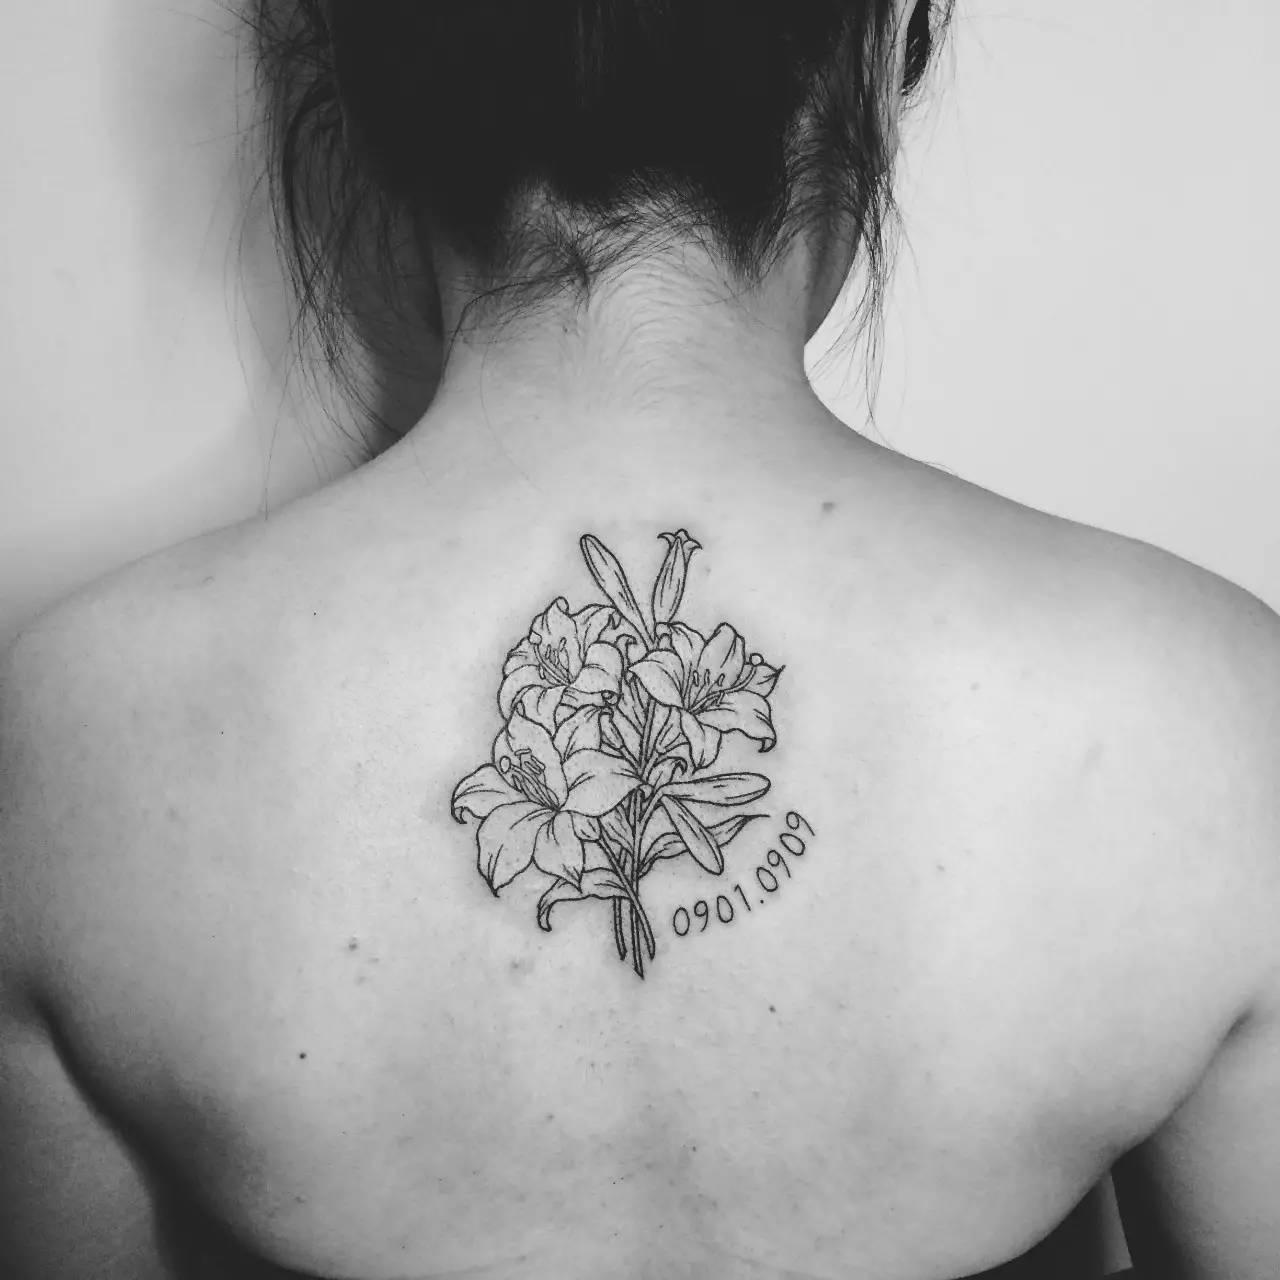 啪秘| 纹身哪有那么多故事,自己喜欢就好图片